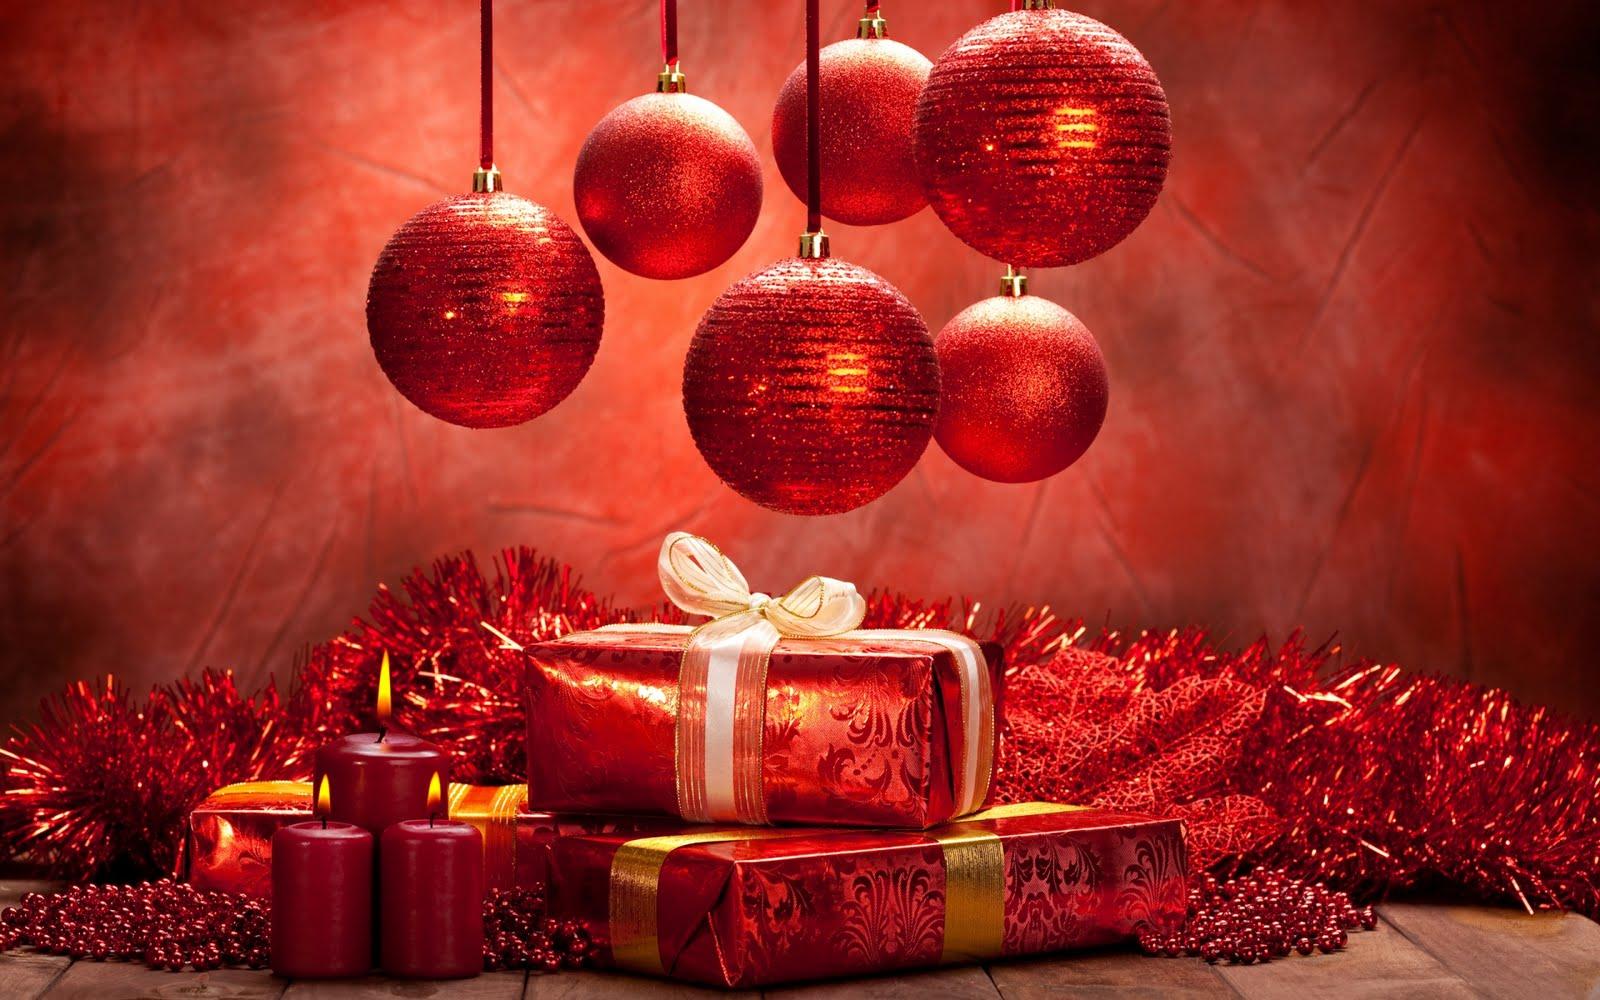 Banco de im genes esferas y regalos de navidad for Pc in regalo gratis